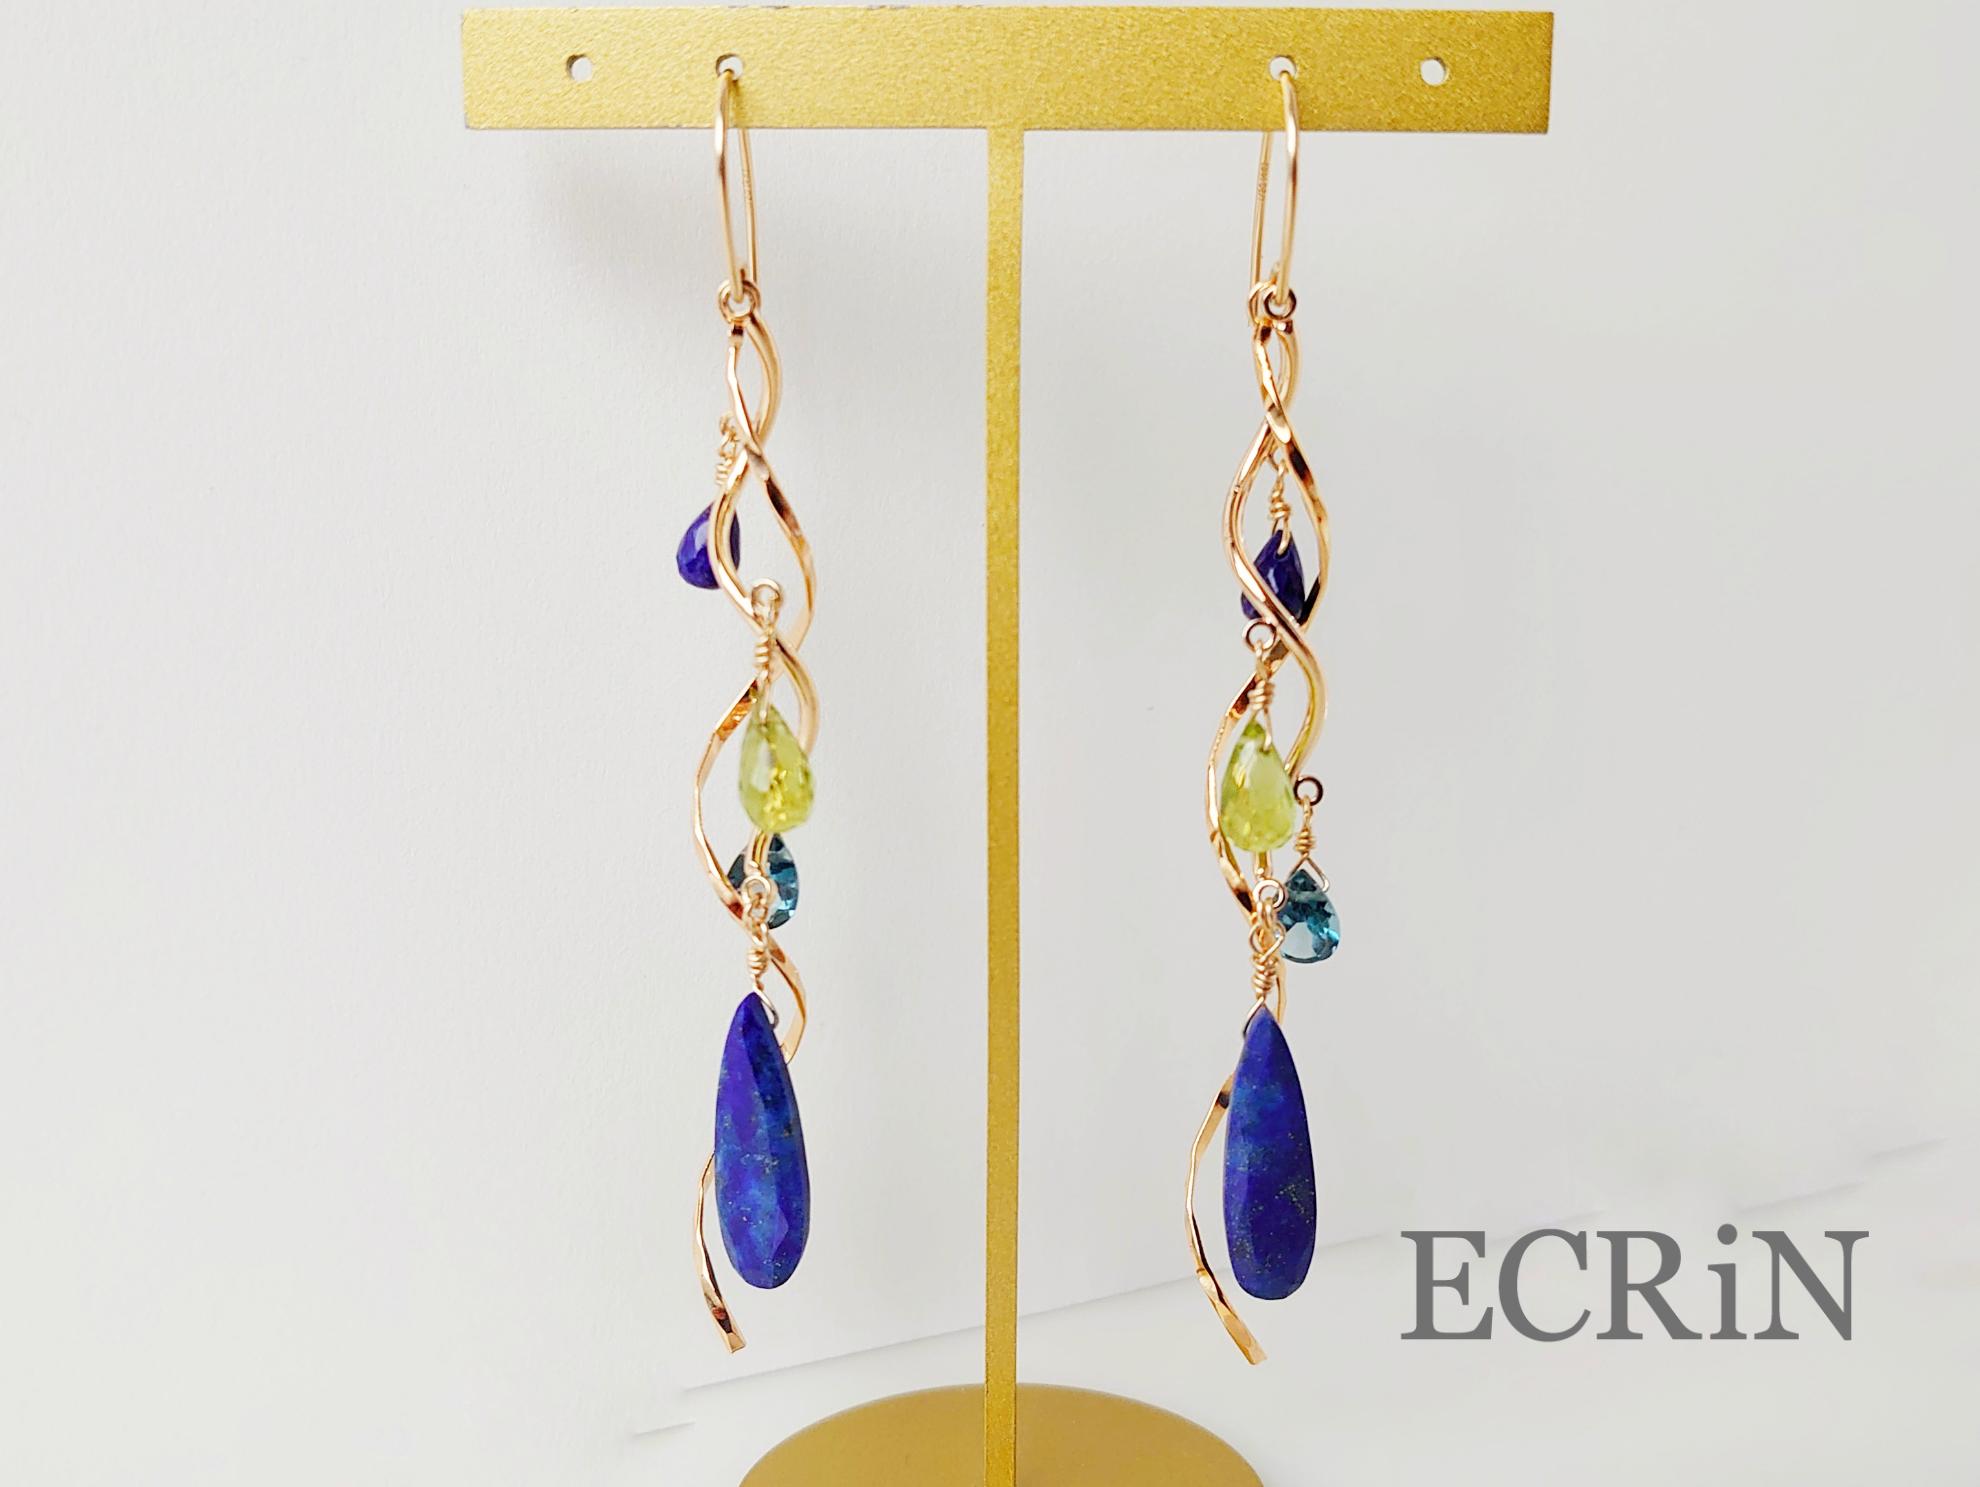 【オートクチュールjewelry】ラピスラズリ・ペリドット・ブルートパーズのロングウェーブピアス(イヤリングにも) 14kgf 送料無料